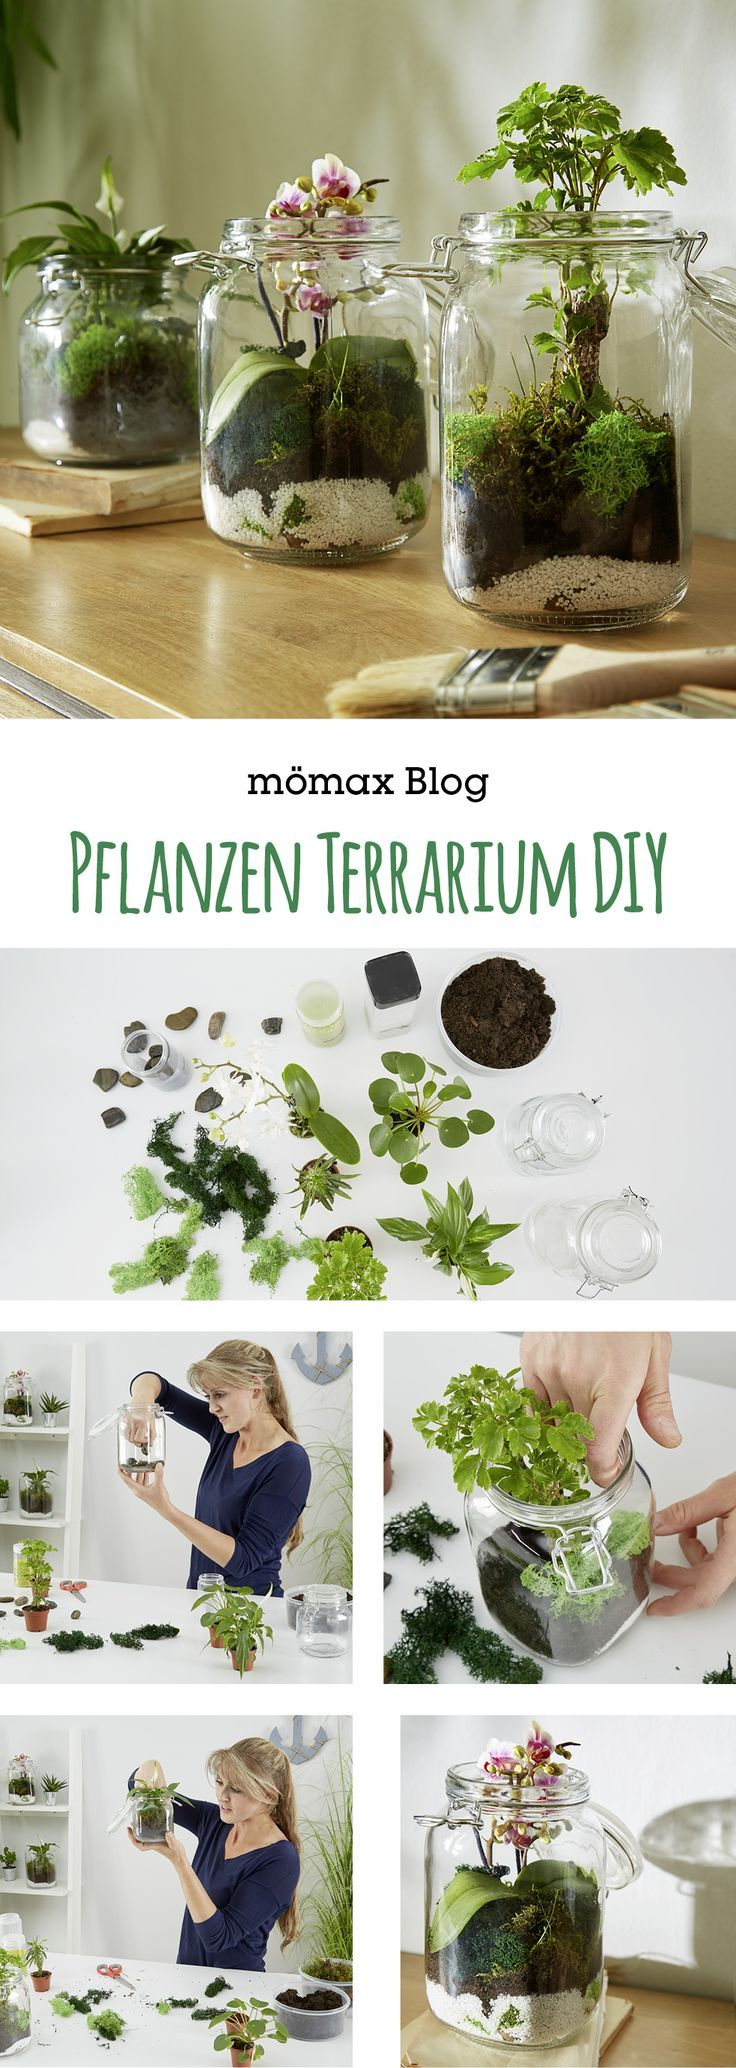 Pflanzen Terrarium selber machen #dekorationwohnung